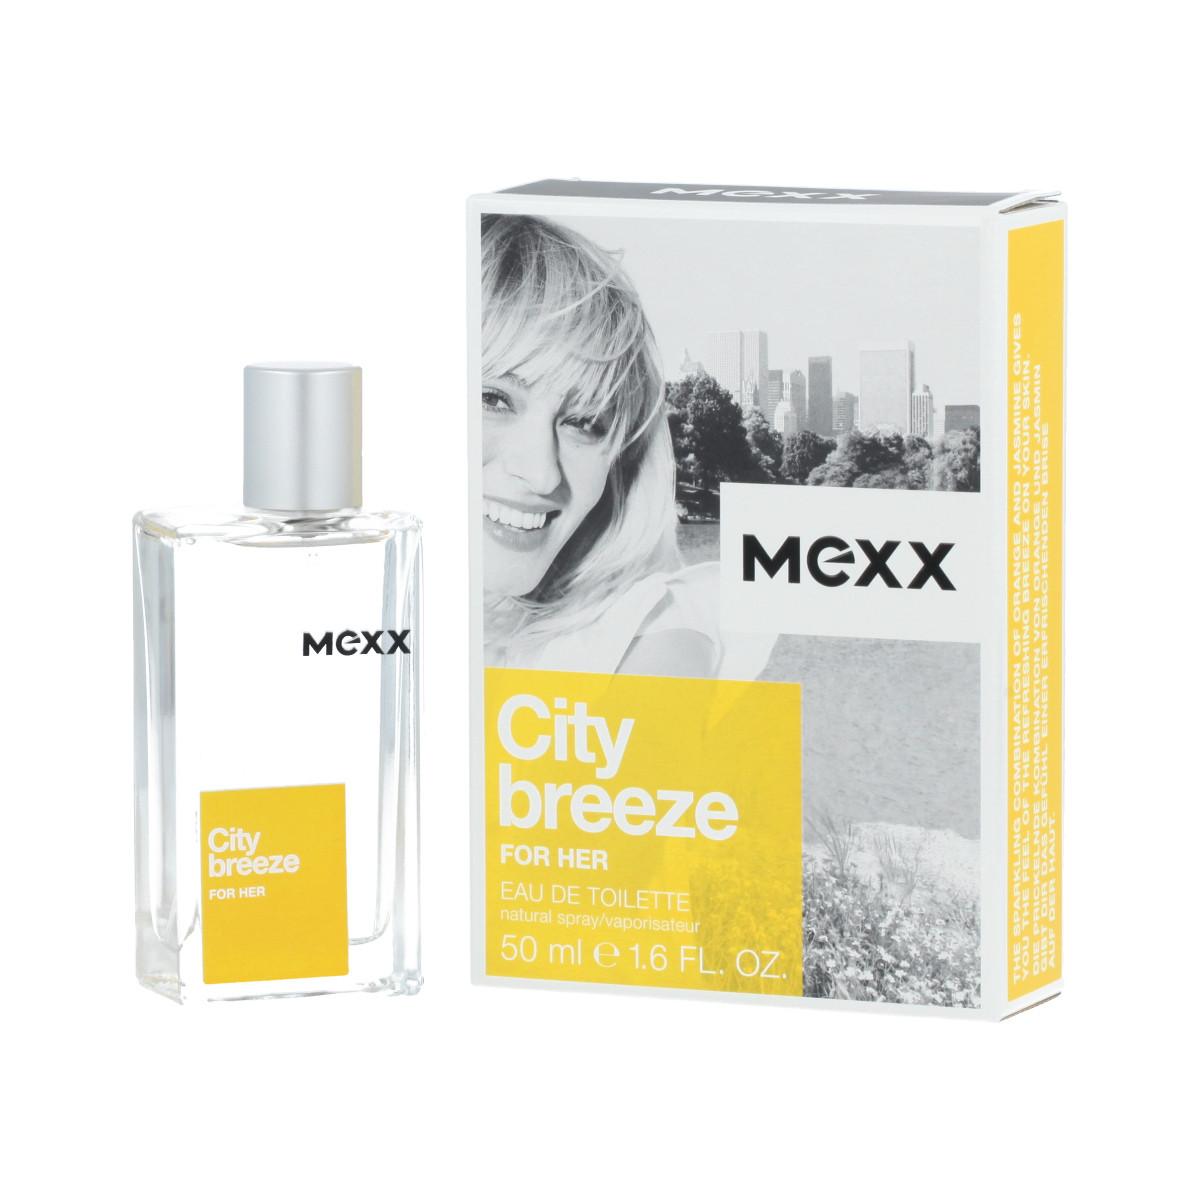 8321b16345f Mexx City Breeze For Her Eau De Toilette 50 ml (woman) - City Breeze ...